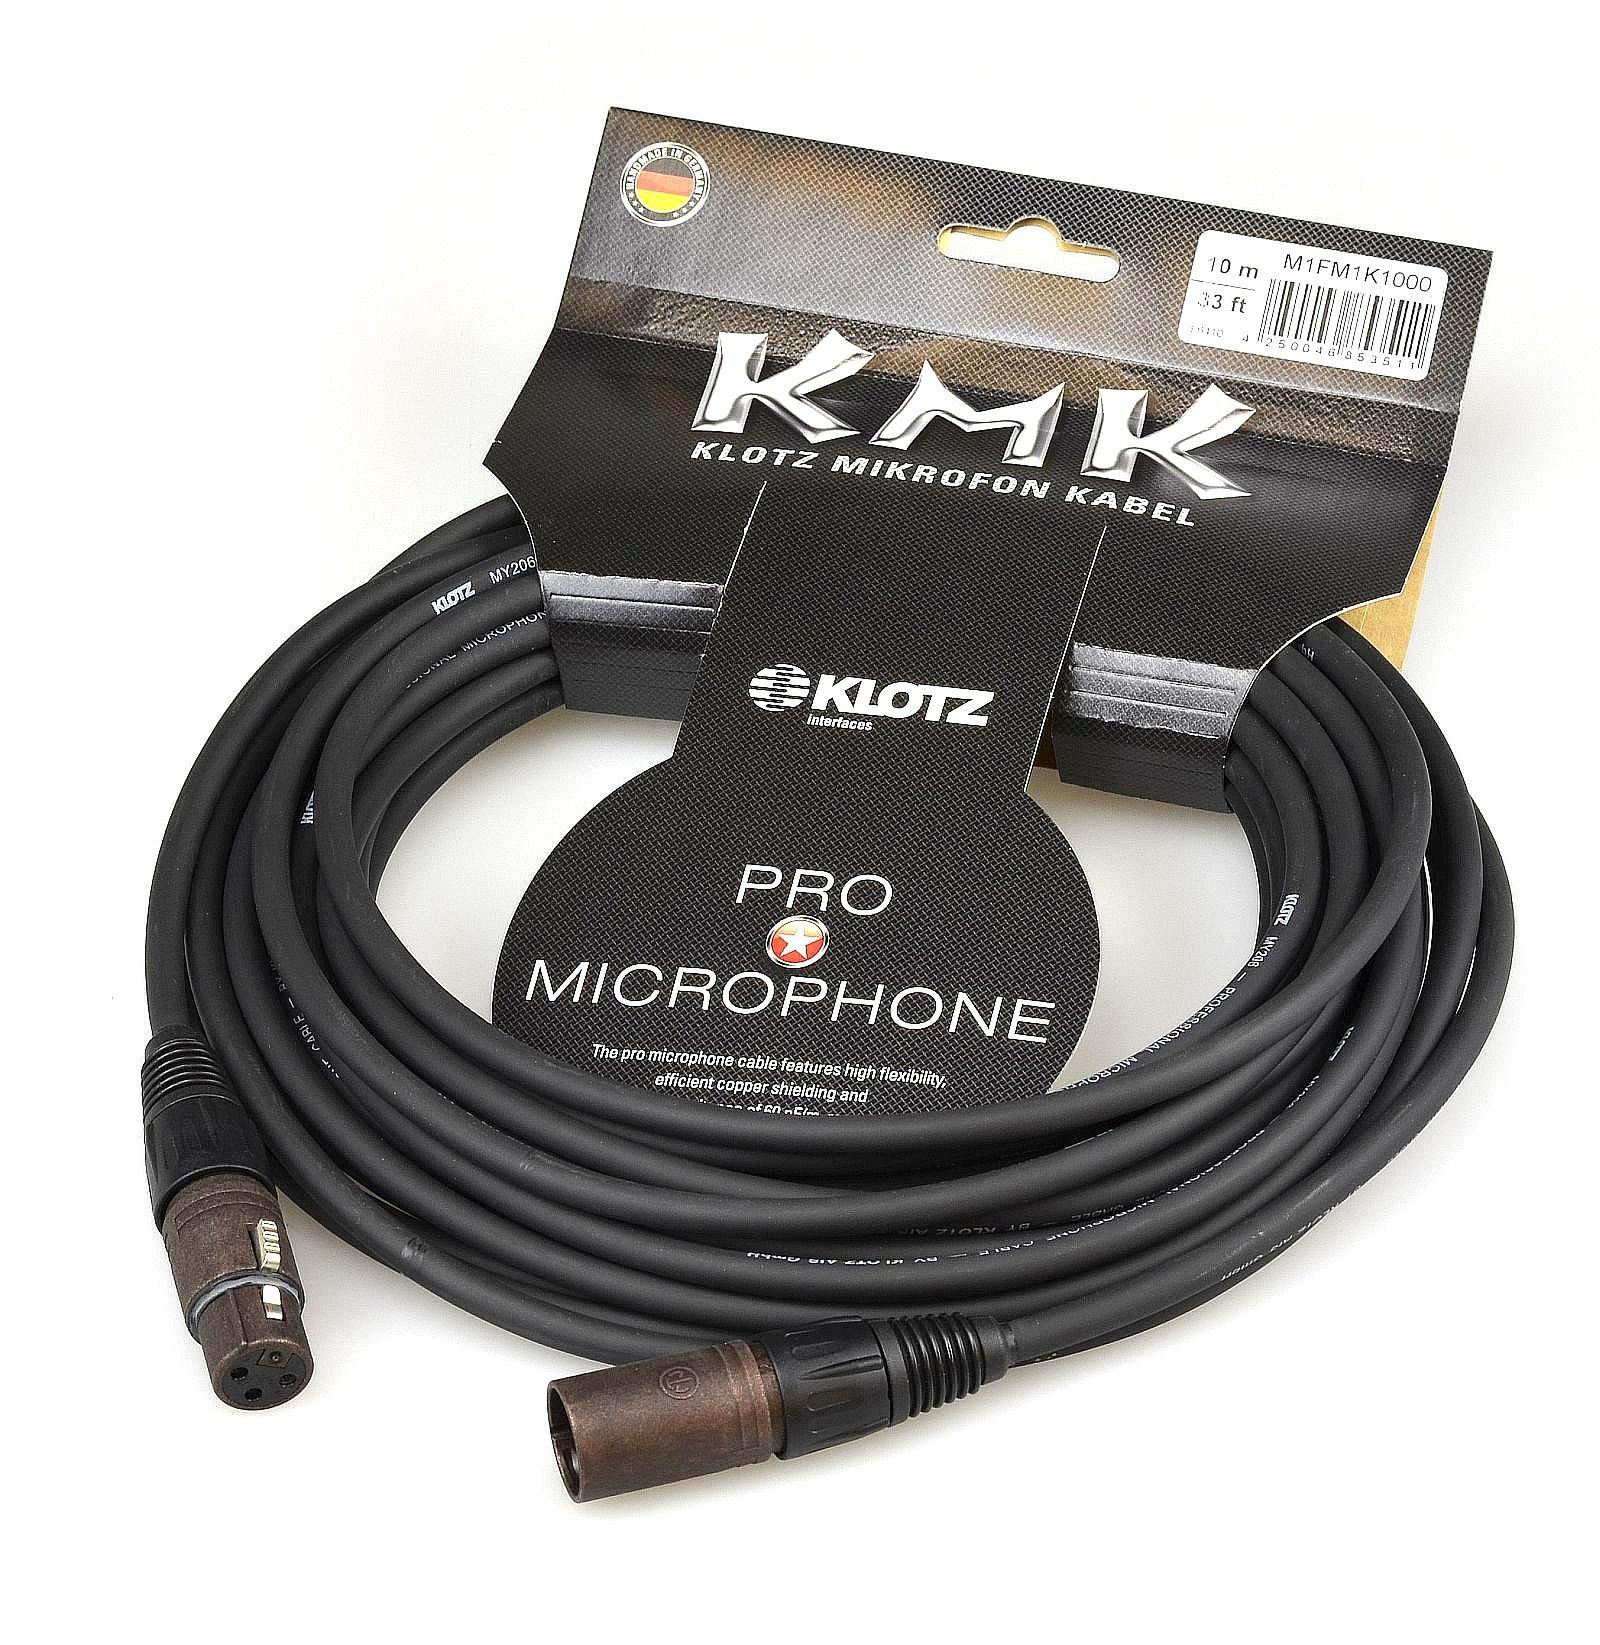 Item KLOTZ KMK microphone cable XLR NEUTRIK CANON 7.5 m